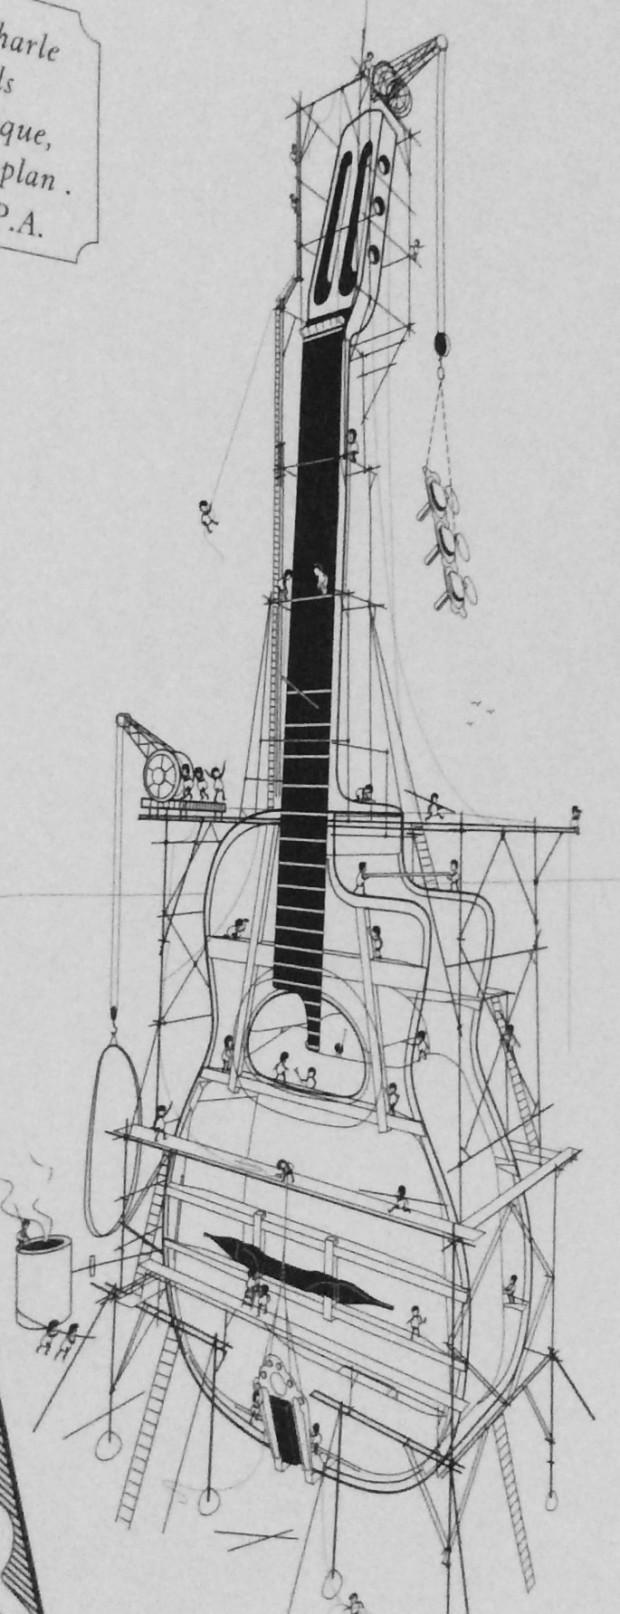 Jam with Django: Gypsy Jazz Guitars | Indiegogo